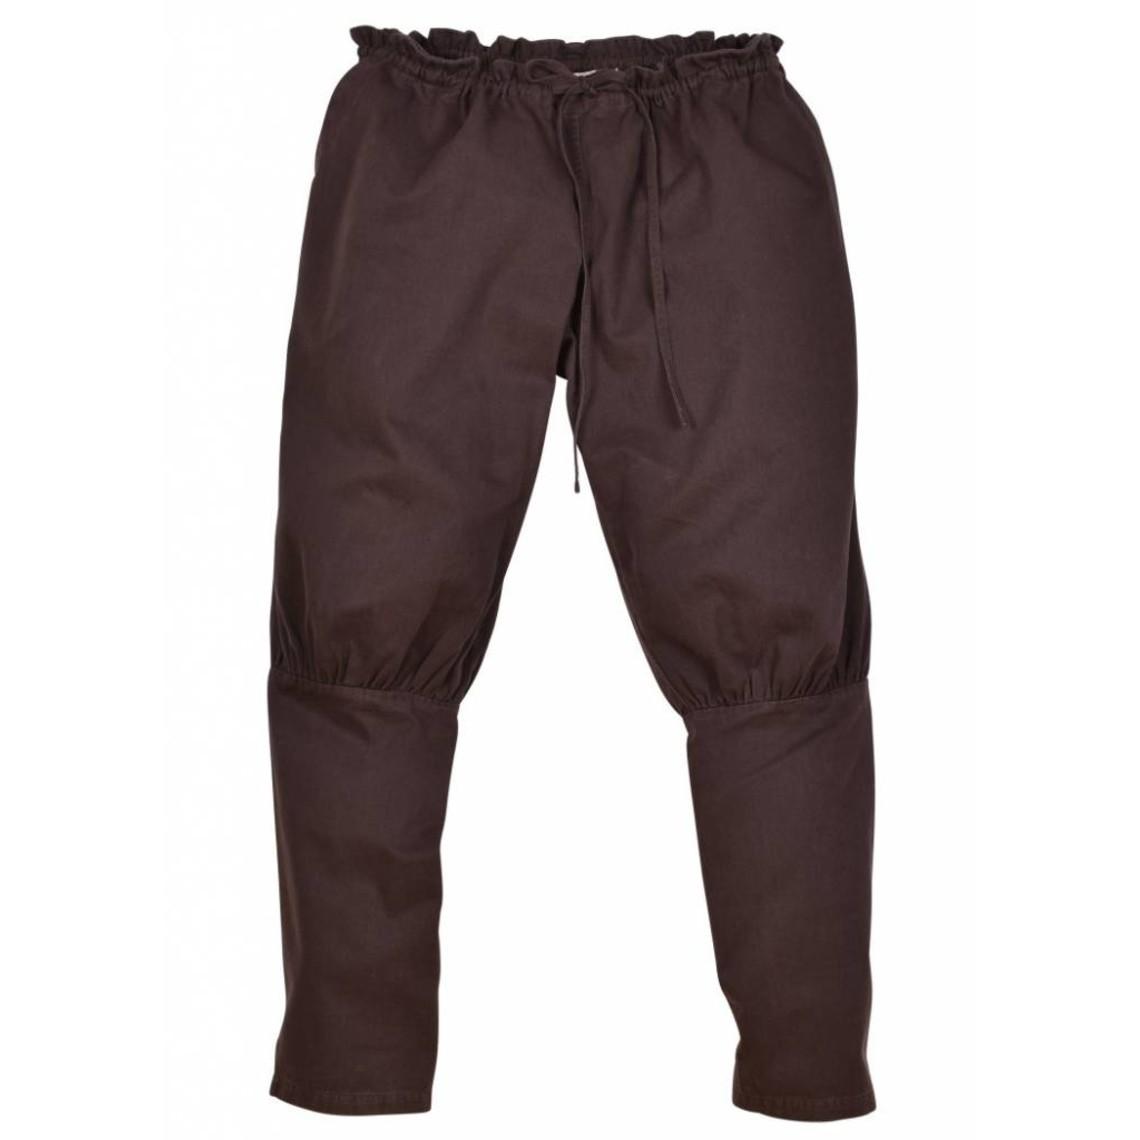 Viking Spodnie Floki, brązowy